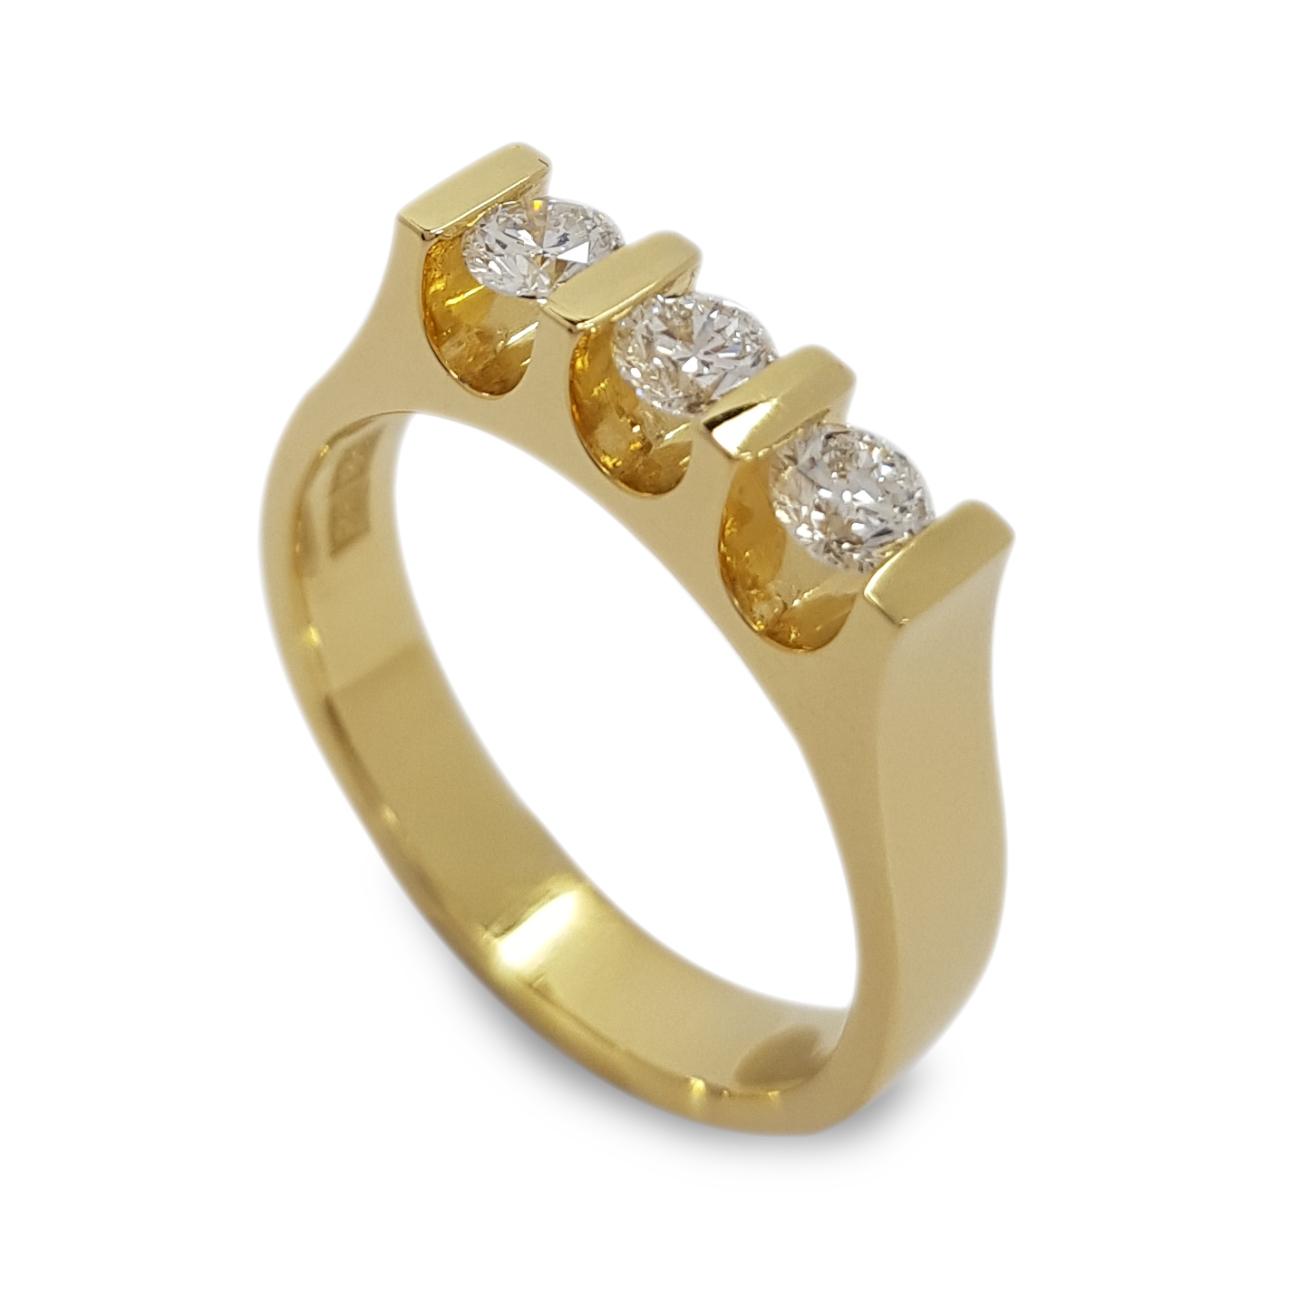 Rudolf Heltzel u-shape bar set bespoke 3 stone diamond engagement ring